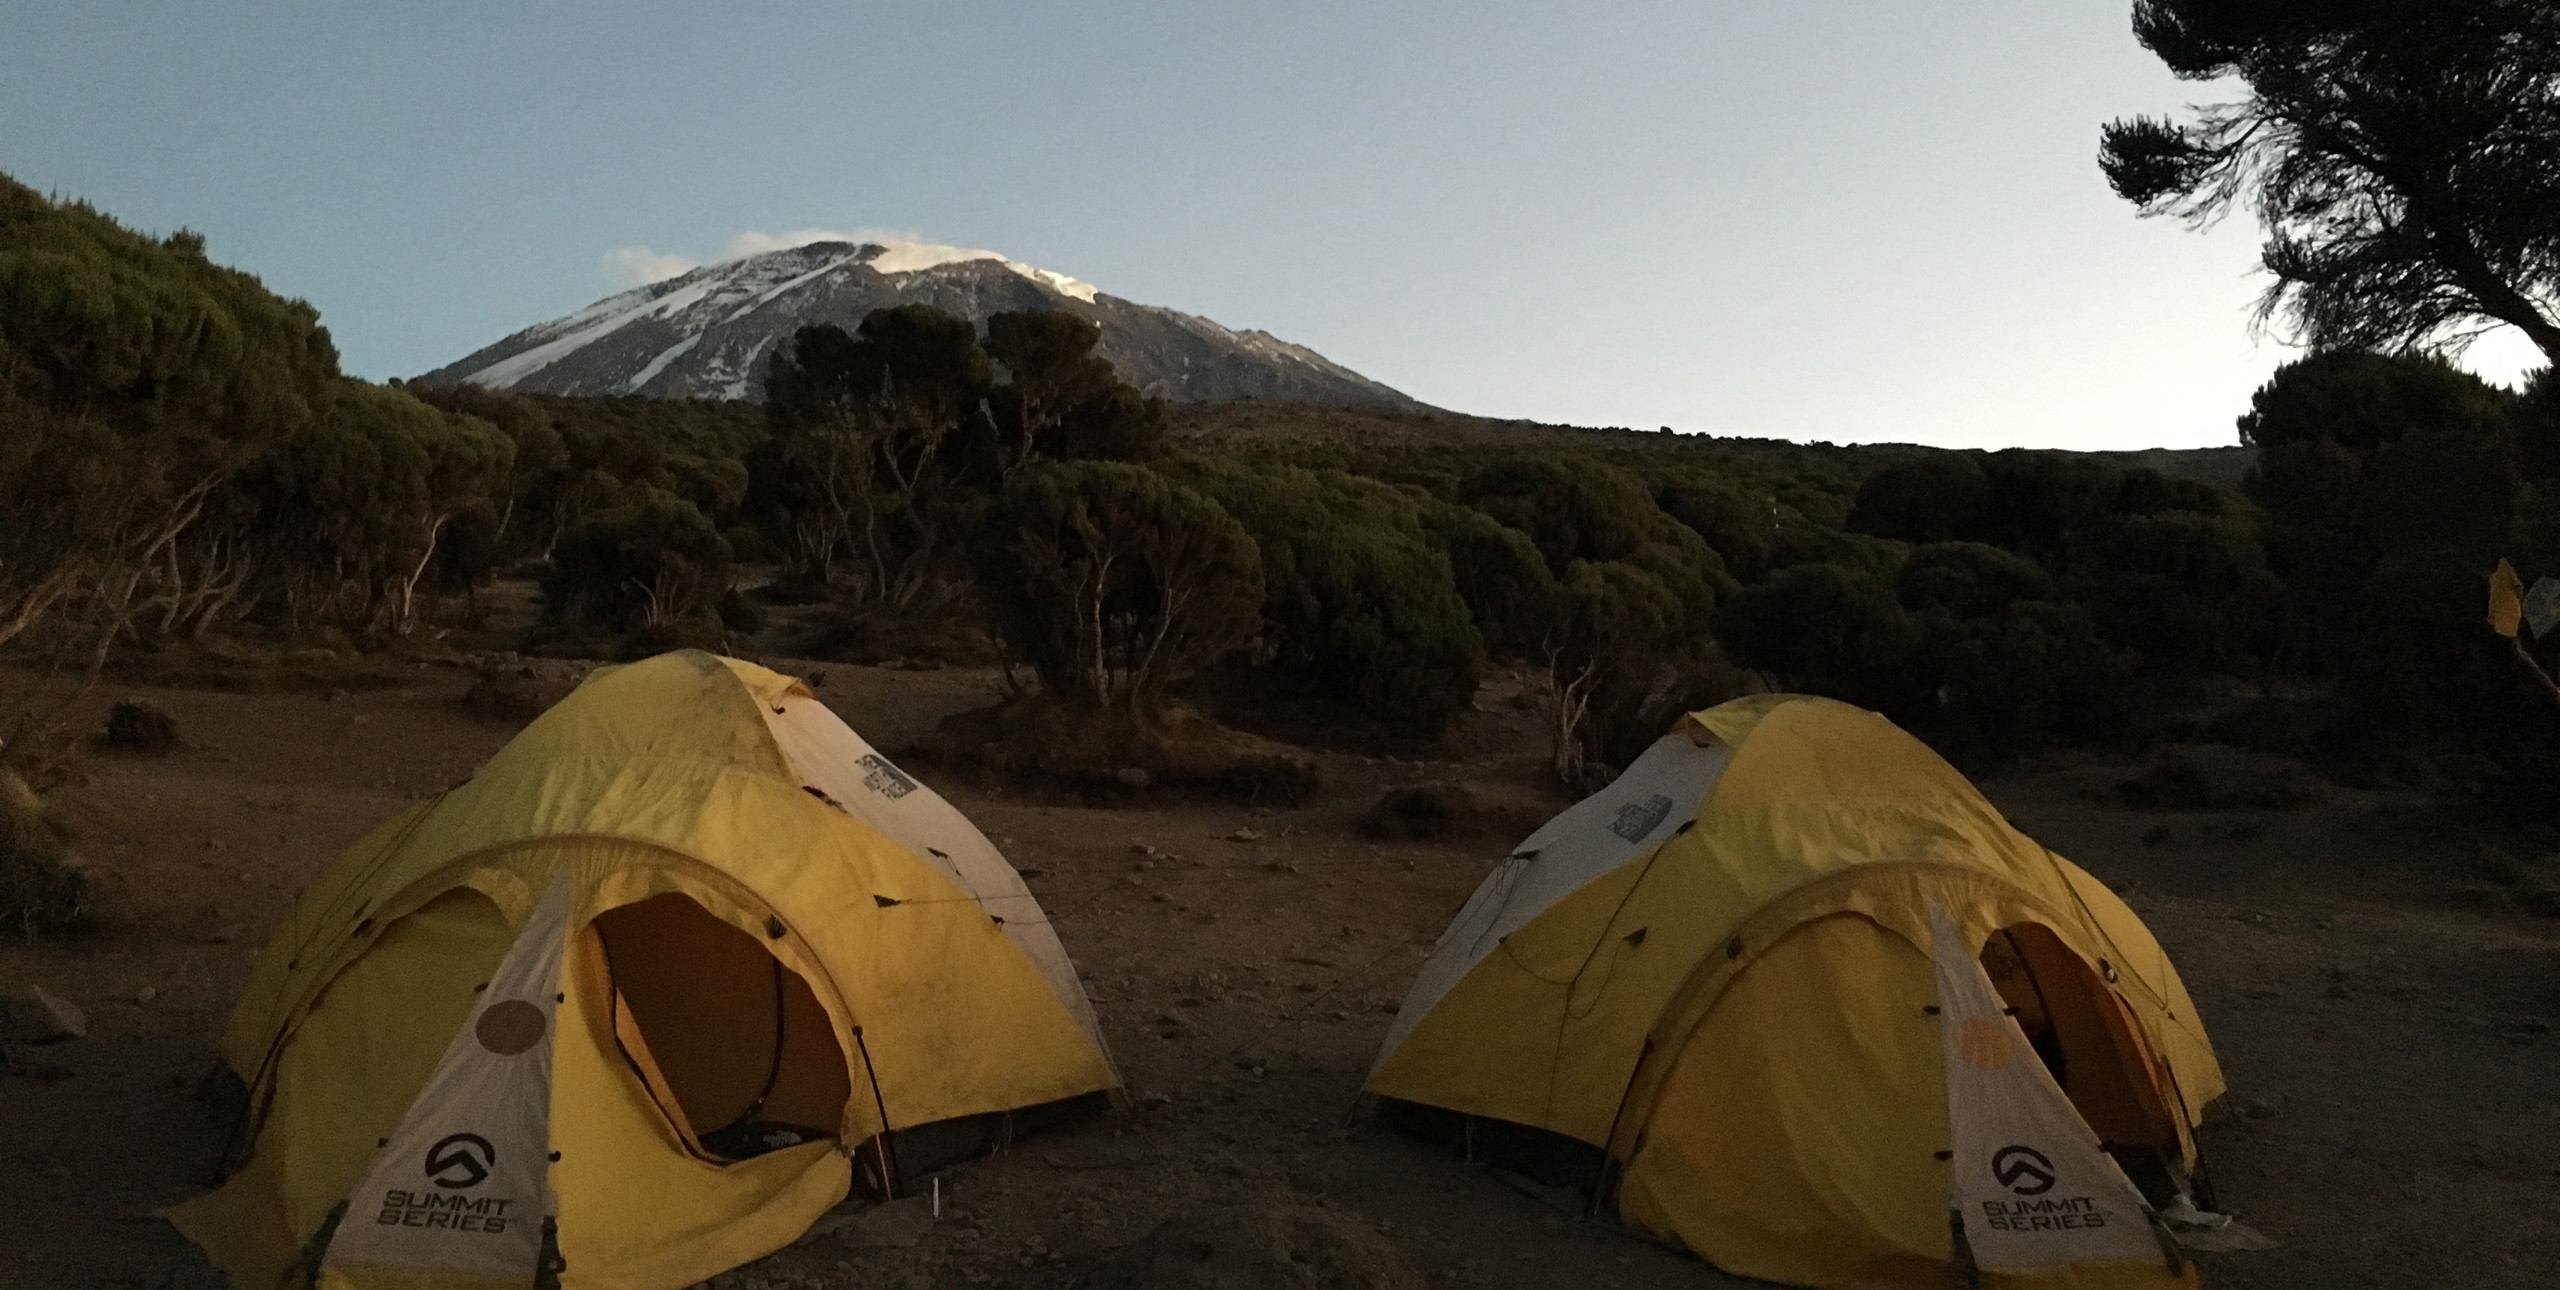 Палатка - столовая и палатка носильщиков в нашем лагере — спуск с Килиманджаро